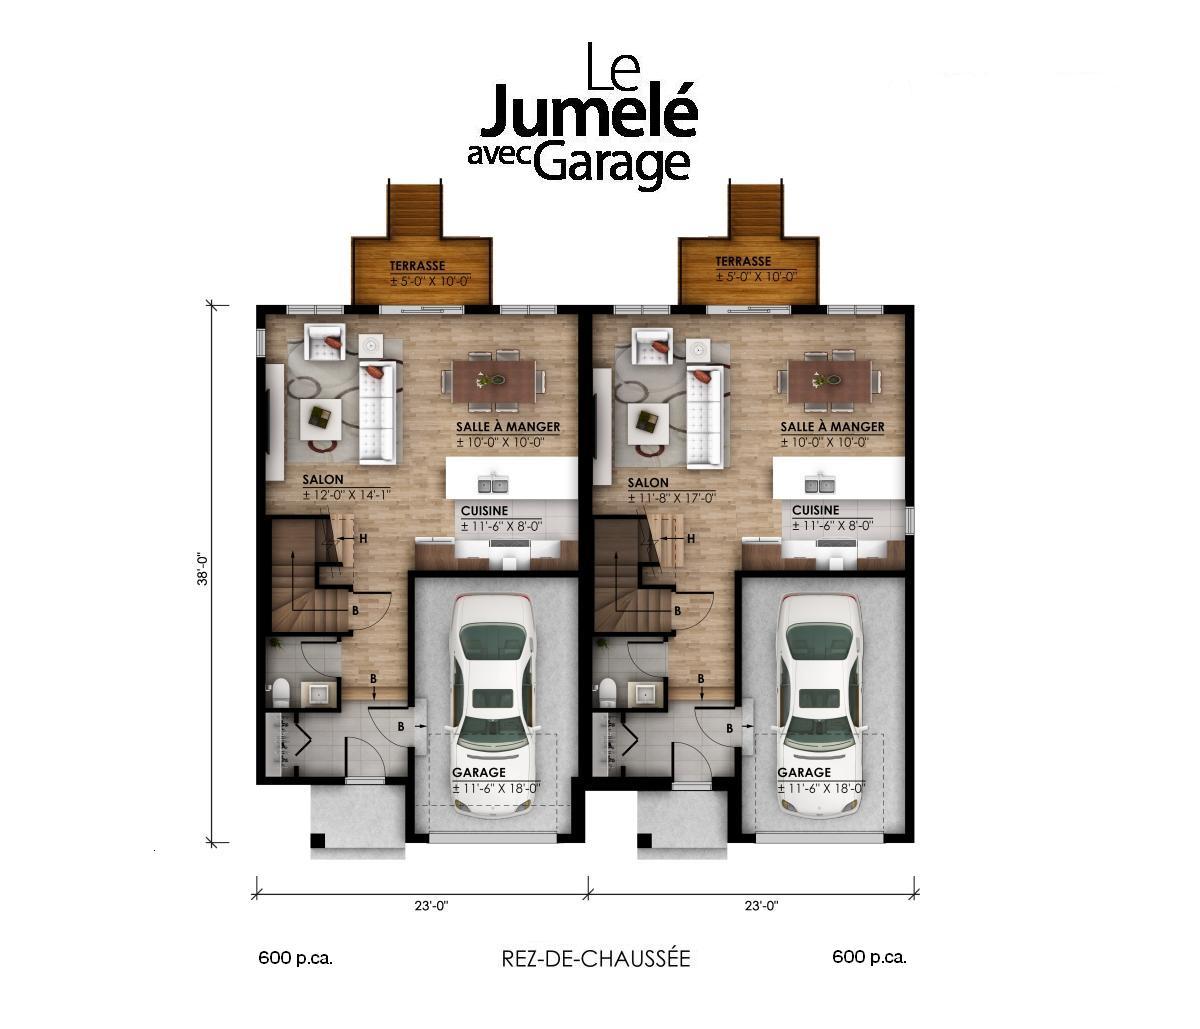 plan rdc garage pi2